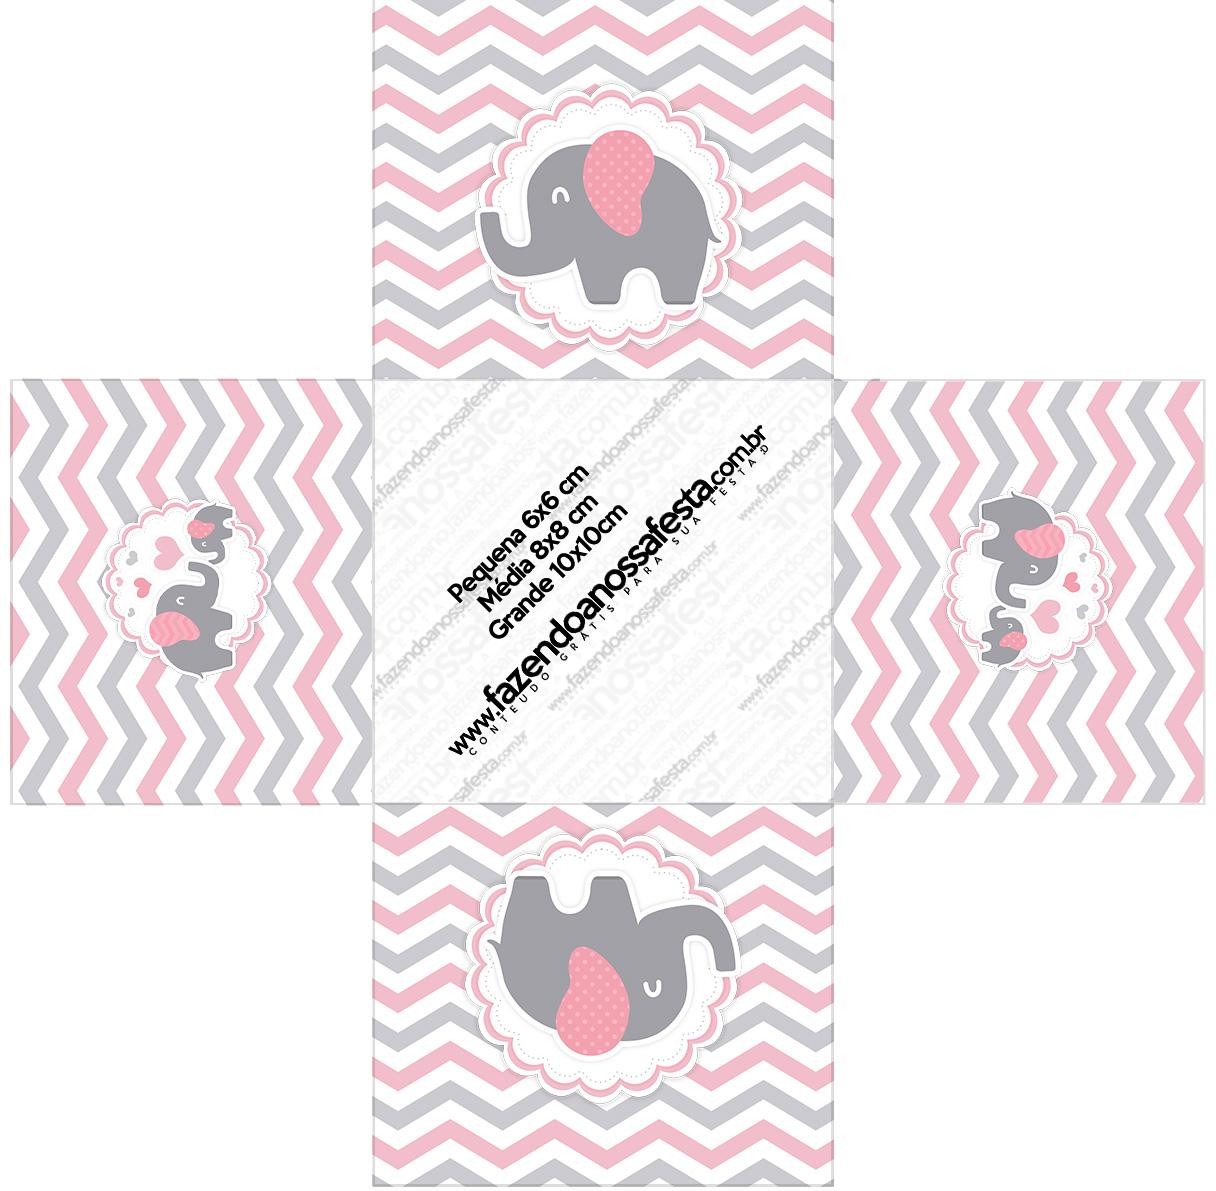 Forminha docinho quadrada Elefantinho Rosa e Cinza Chevron